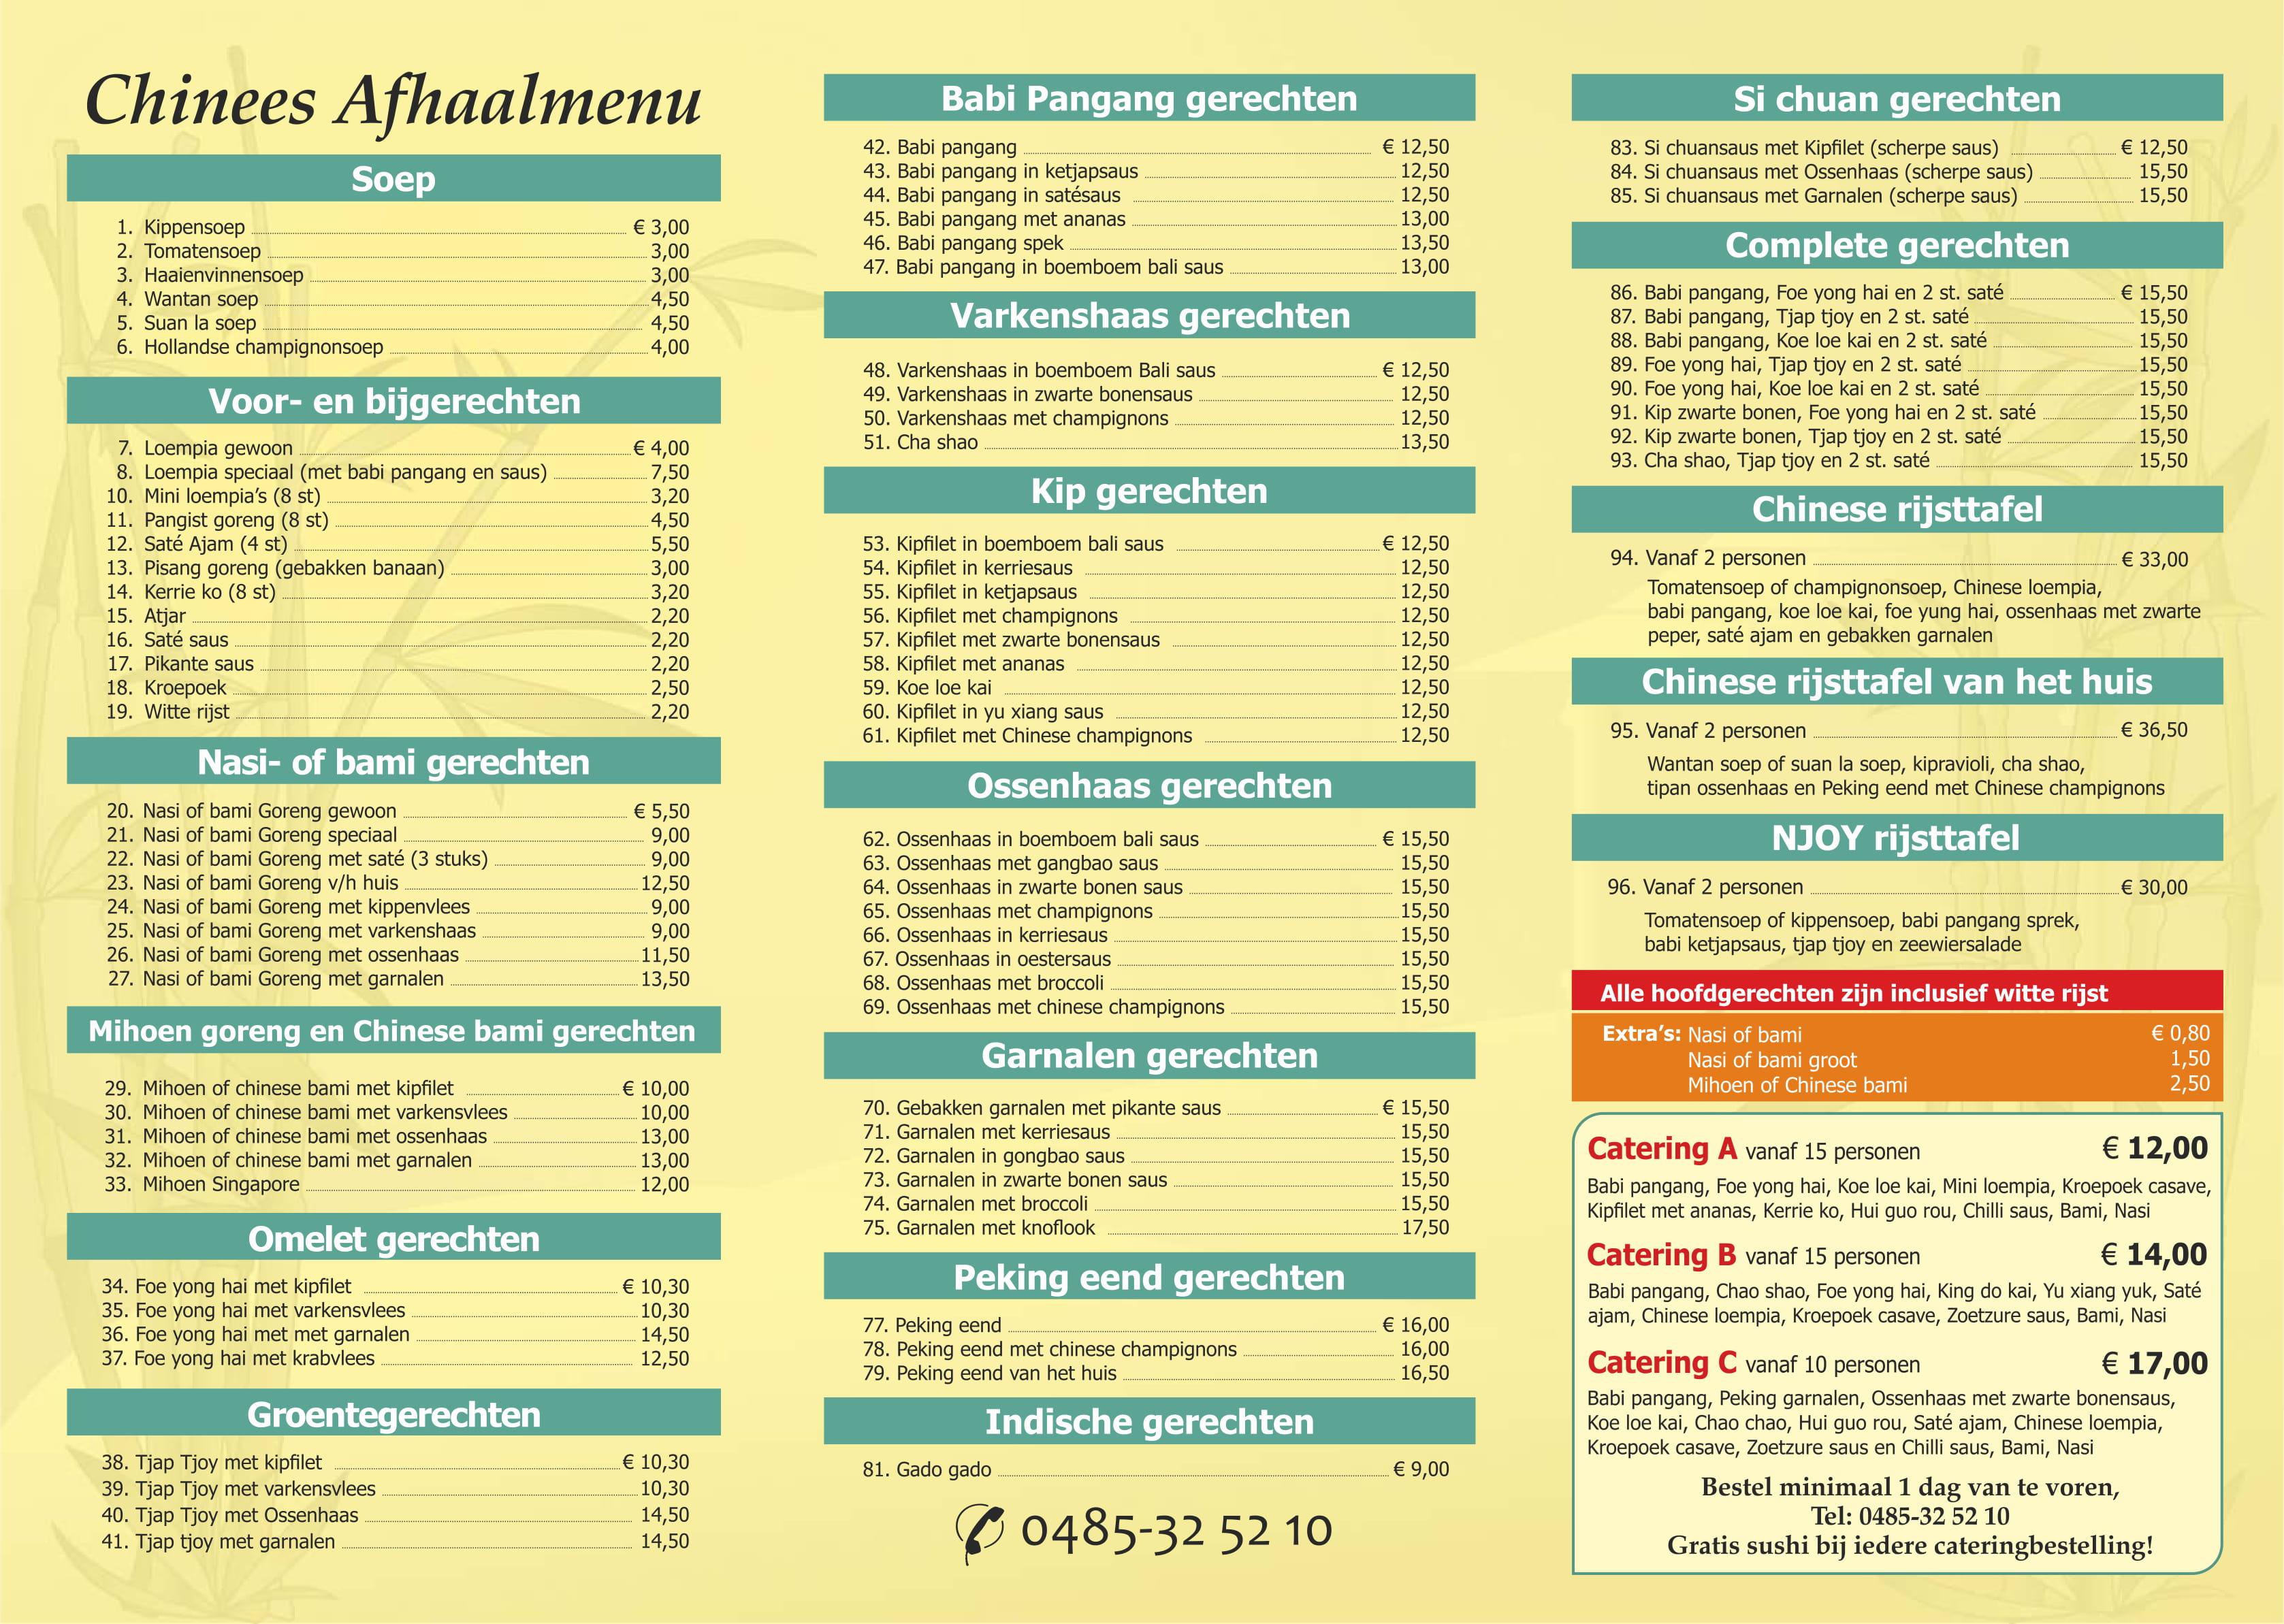 http://www.njoy-boxmeer.nl/wp-content/uploads/2019/06/njoy-boxmeer-afhaal-menukaart-2.jpg